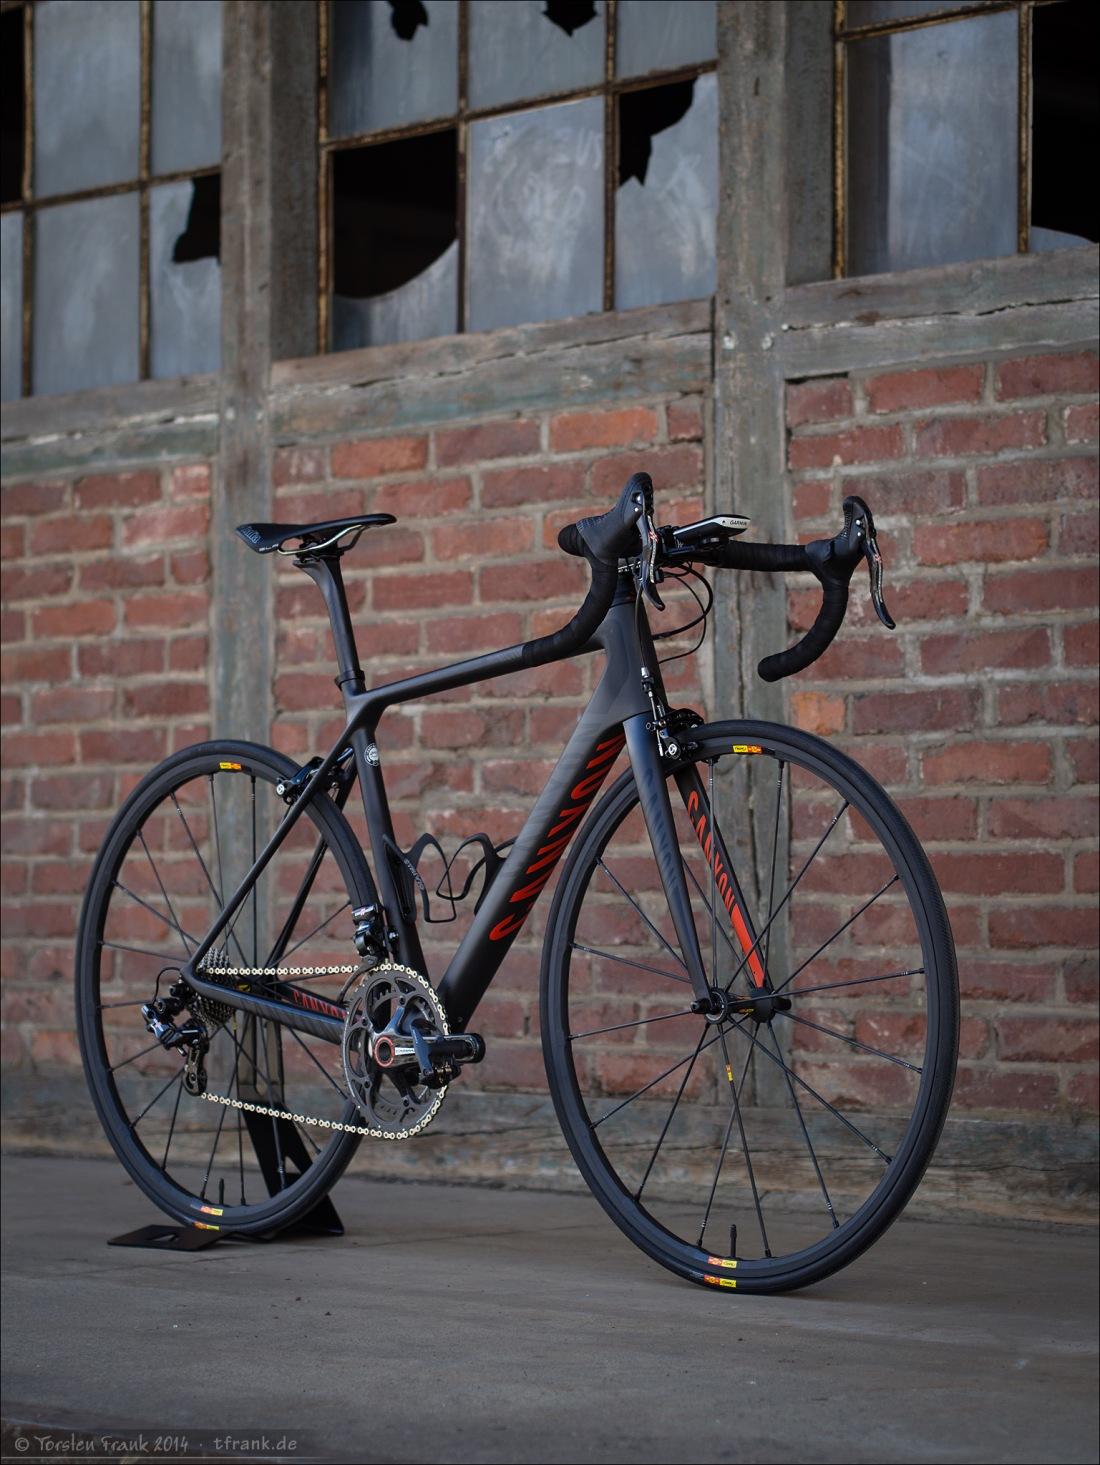 Foto 1: Rad wird verkauft wie dargestellt, insbesondere mit dem Sattel. Aber ohne die Campagnolo Kurbel (ersetzt durch Power2Max Campagnolo Leistungsmesskurbel), ohne Garmin Edge Radcomputer und Halterung und ohne Radständer).